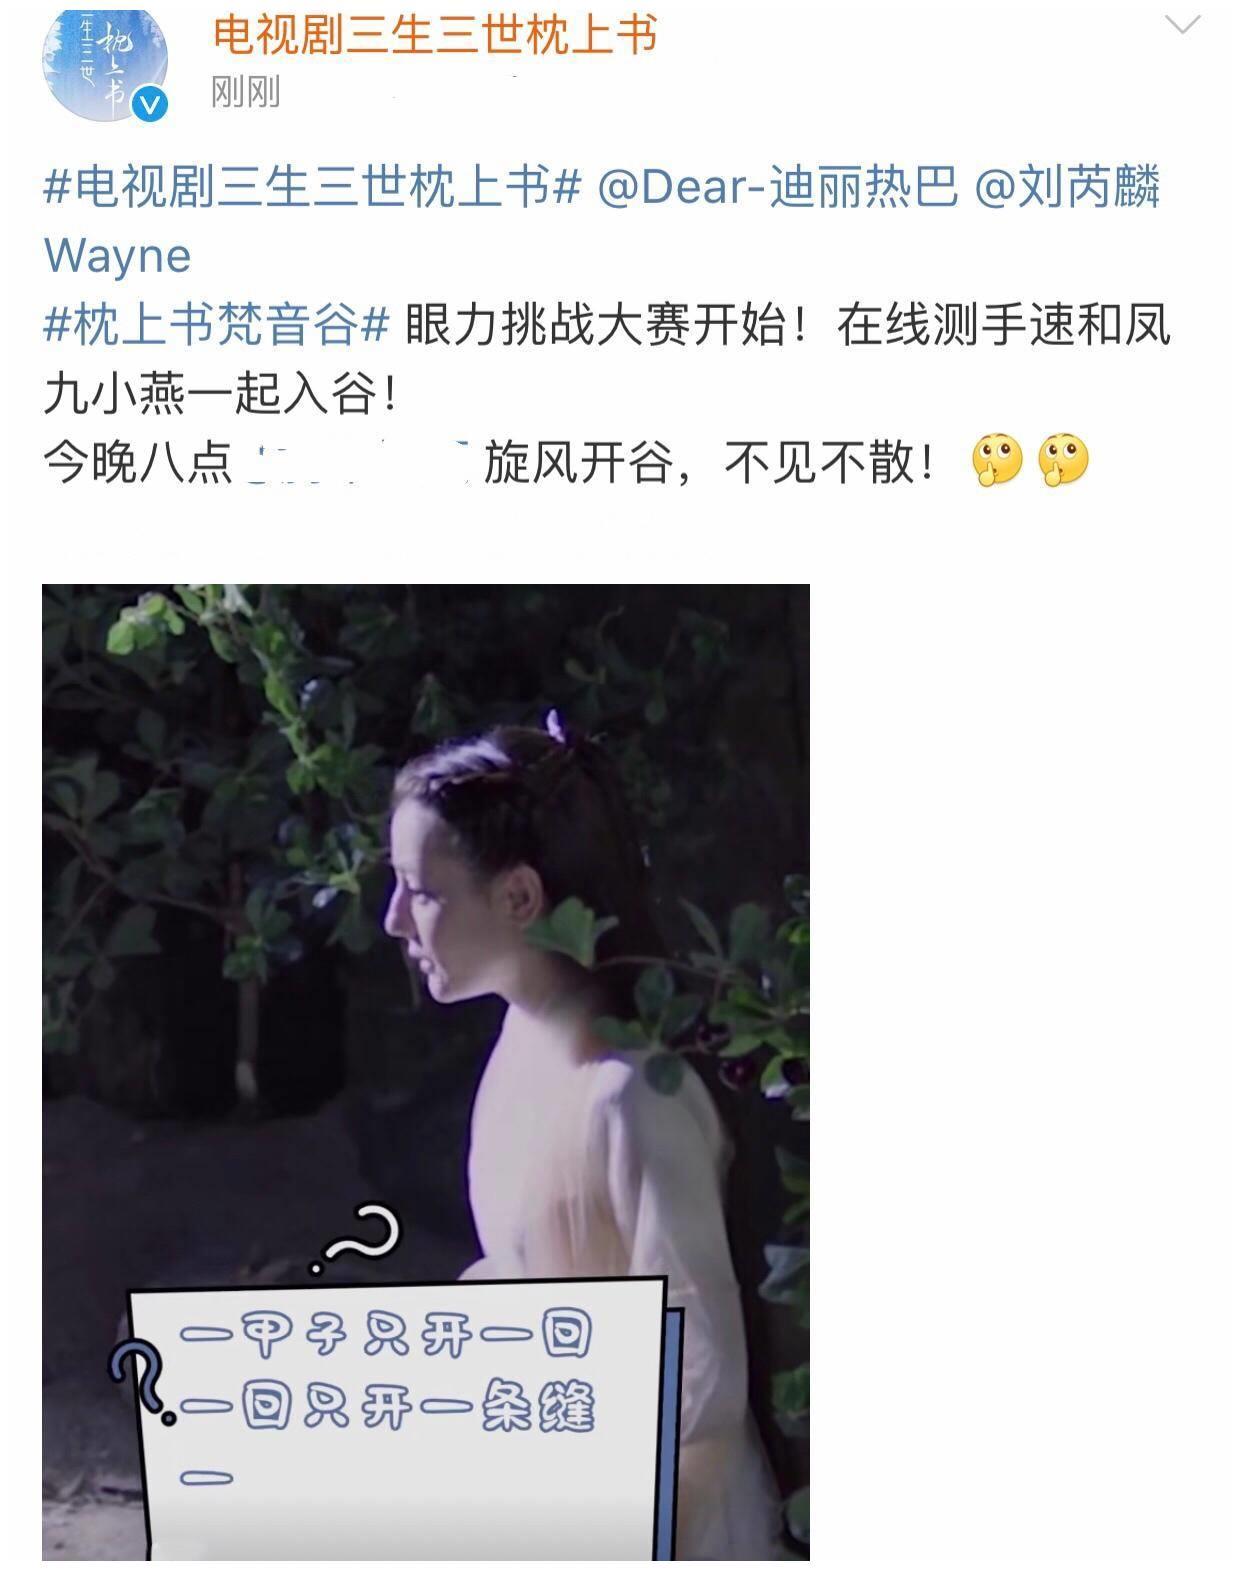 迪丽热巴高伟光情人节封面图遭受质疑,杨幂和赵又廷无法被超越?